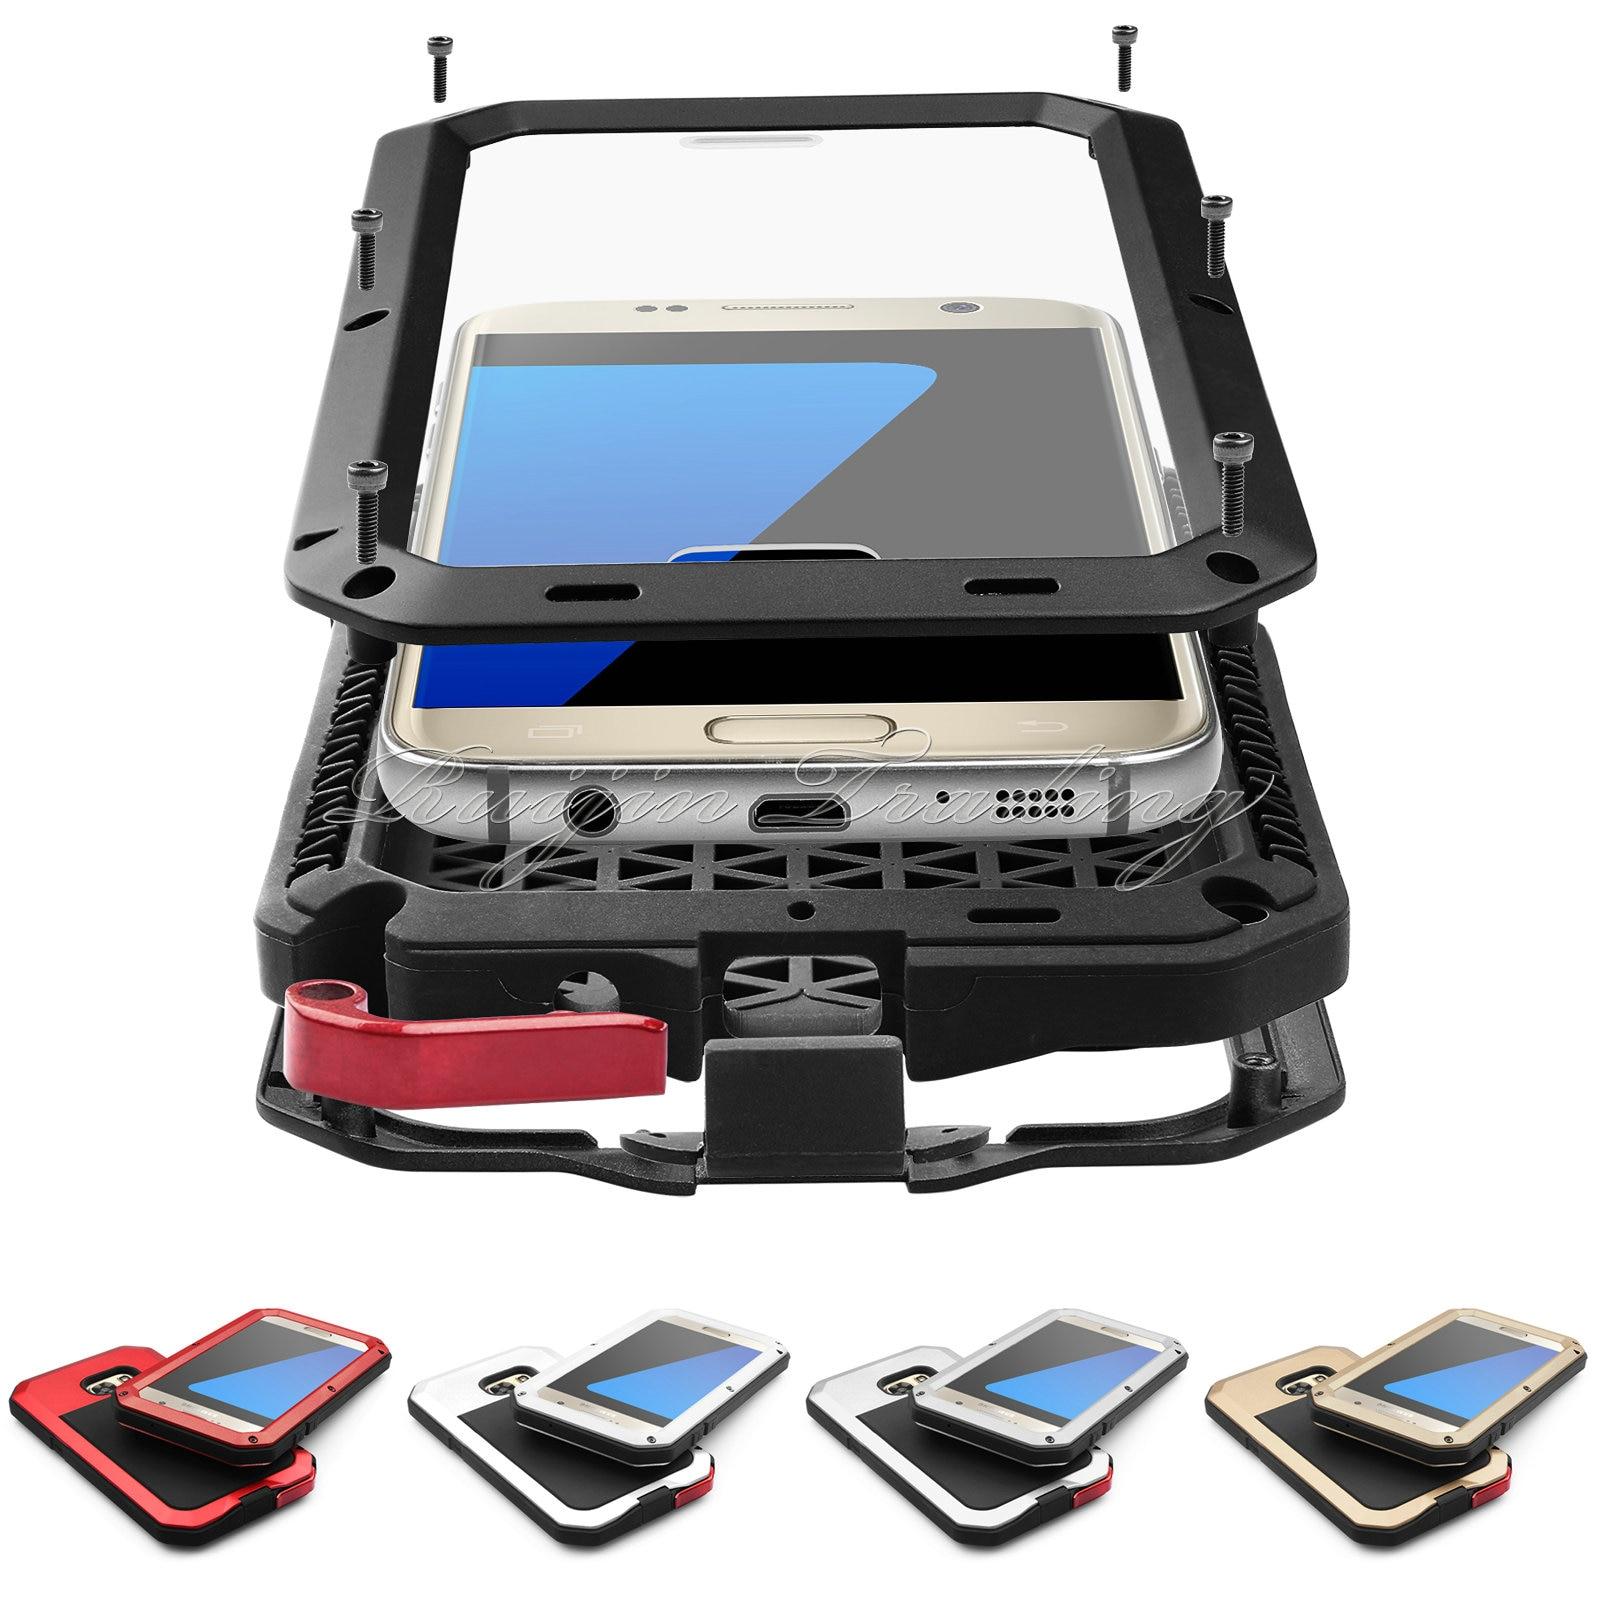 bilder für Stoßfest Fall Für Samsung Galaxy S4 S5 S6 S7 rand hinweis 4 5 IPX3 Wasserdicht Power Aluminium Gorilla Glas Schutz abdeckung